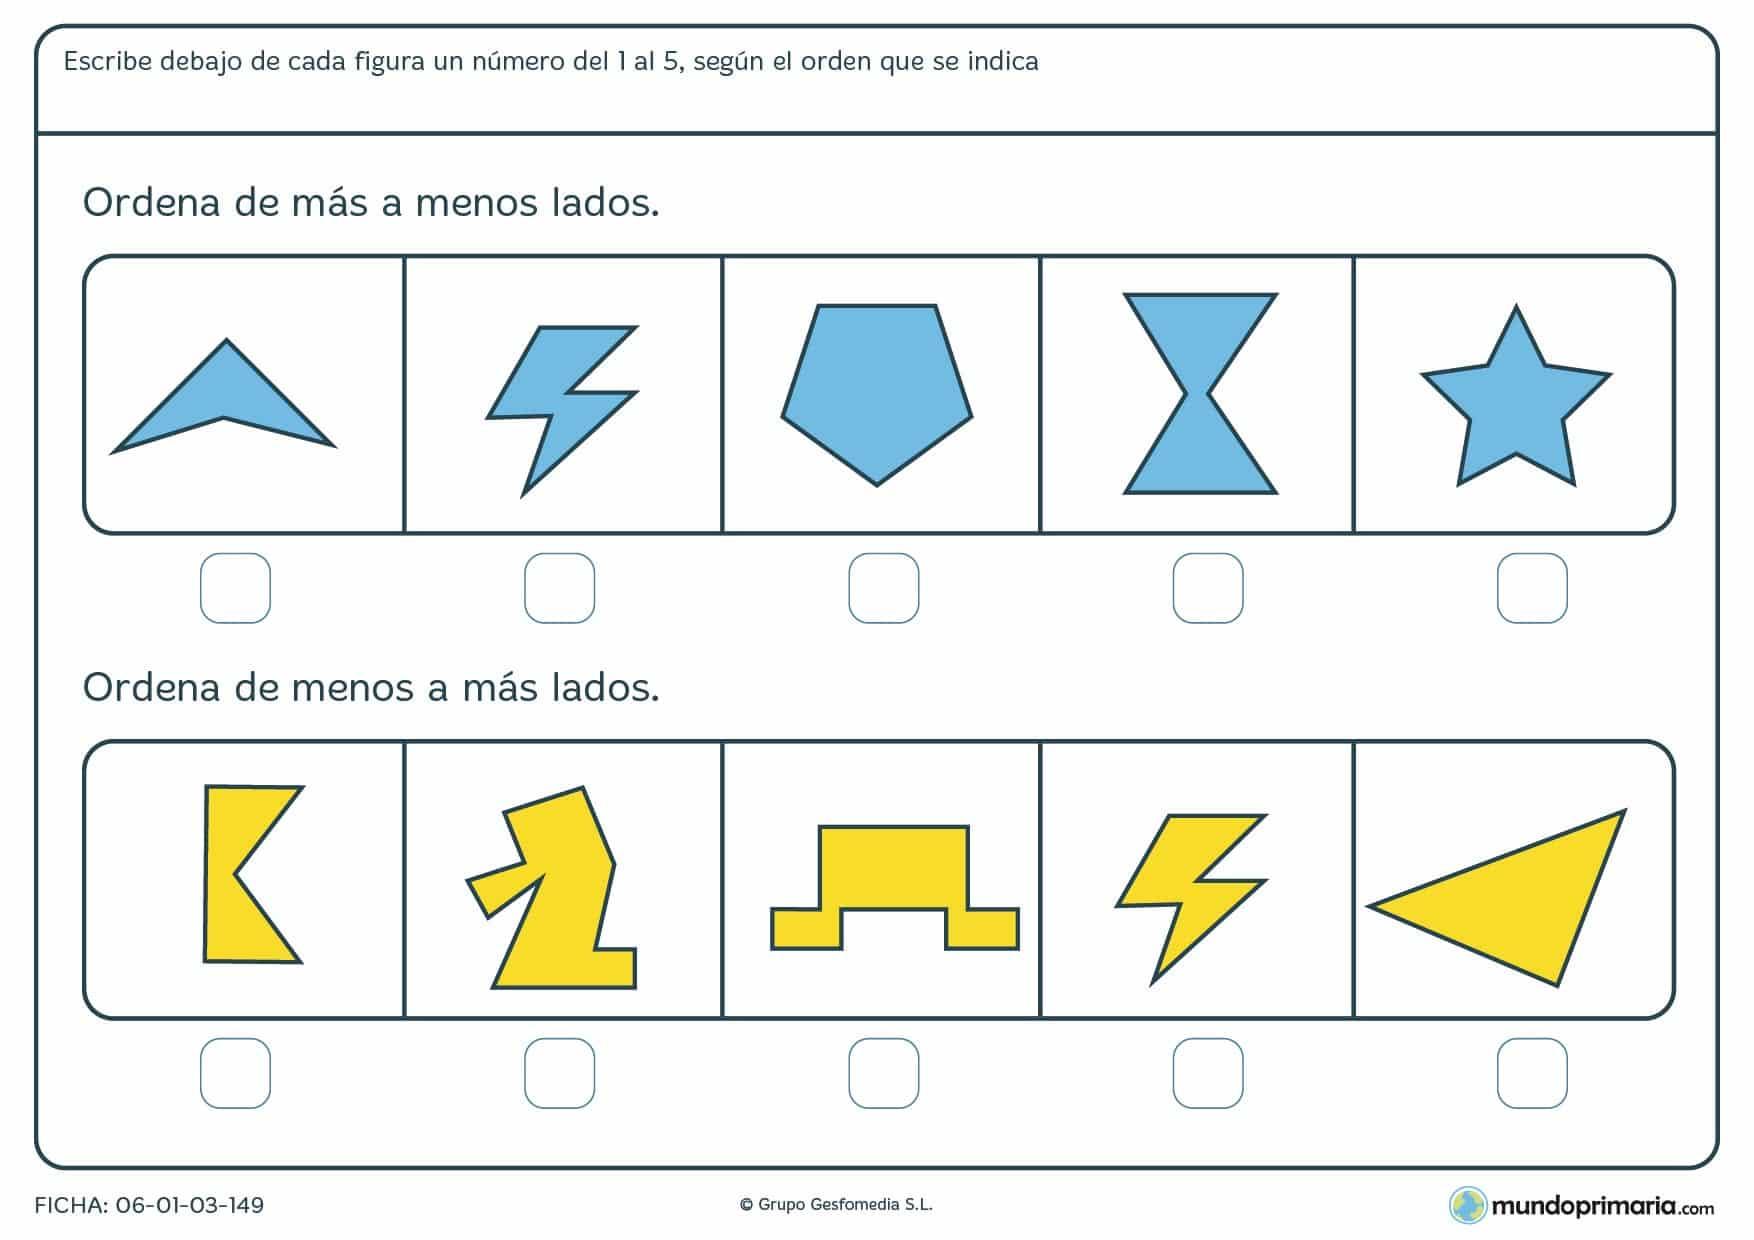 Ficha de ordenar figuras geométricas de más a menos lados o viciversa, escribiendo el número de la posición que ocupa cada una.